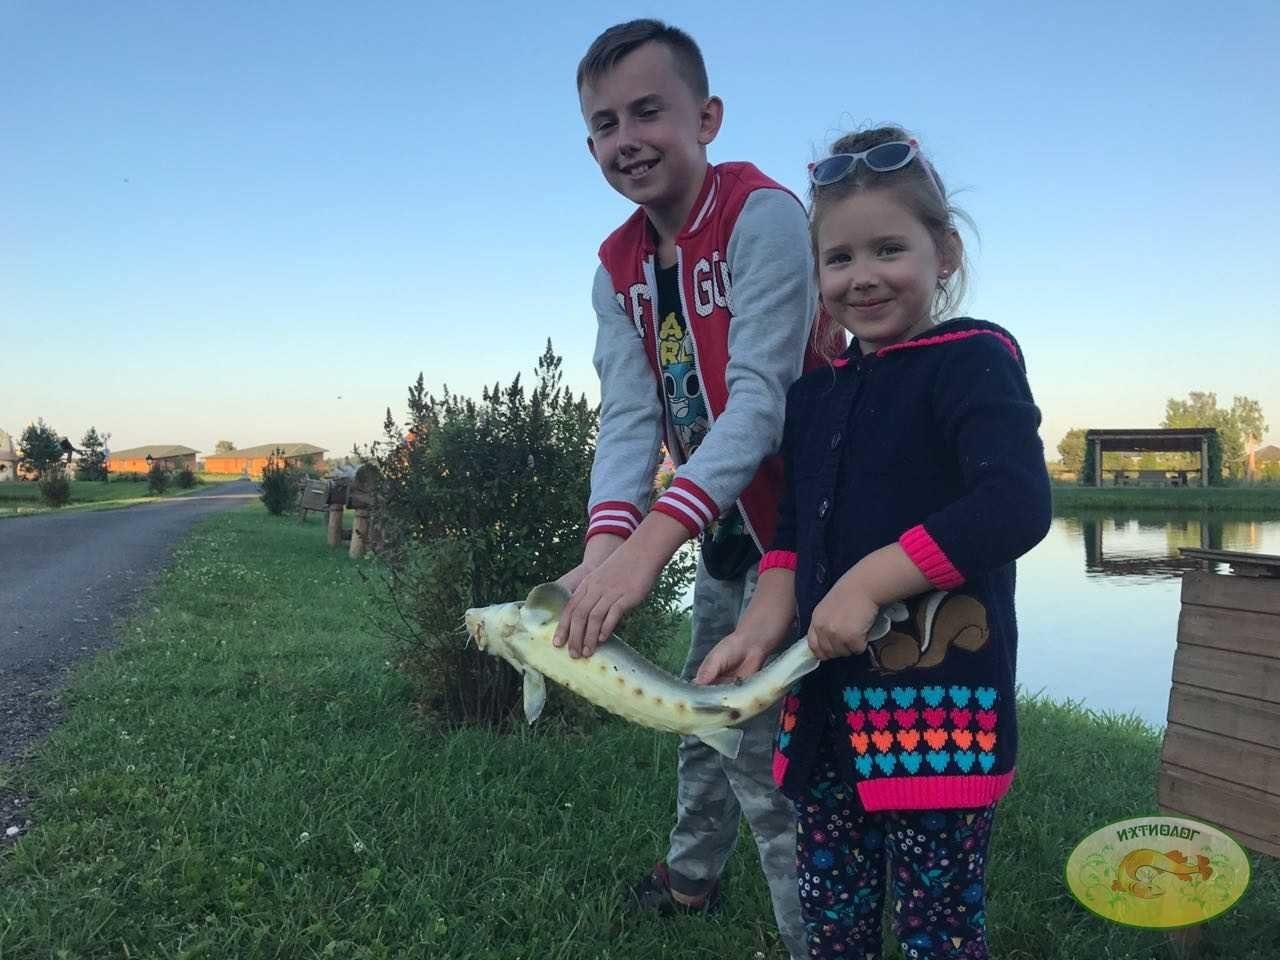 Счастливые выходные на лучшей базе отдыха в Подмосковье – Ихтиолог